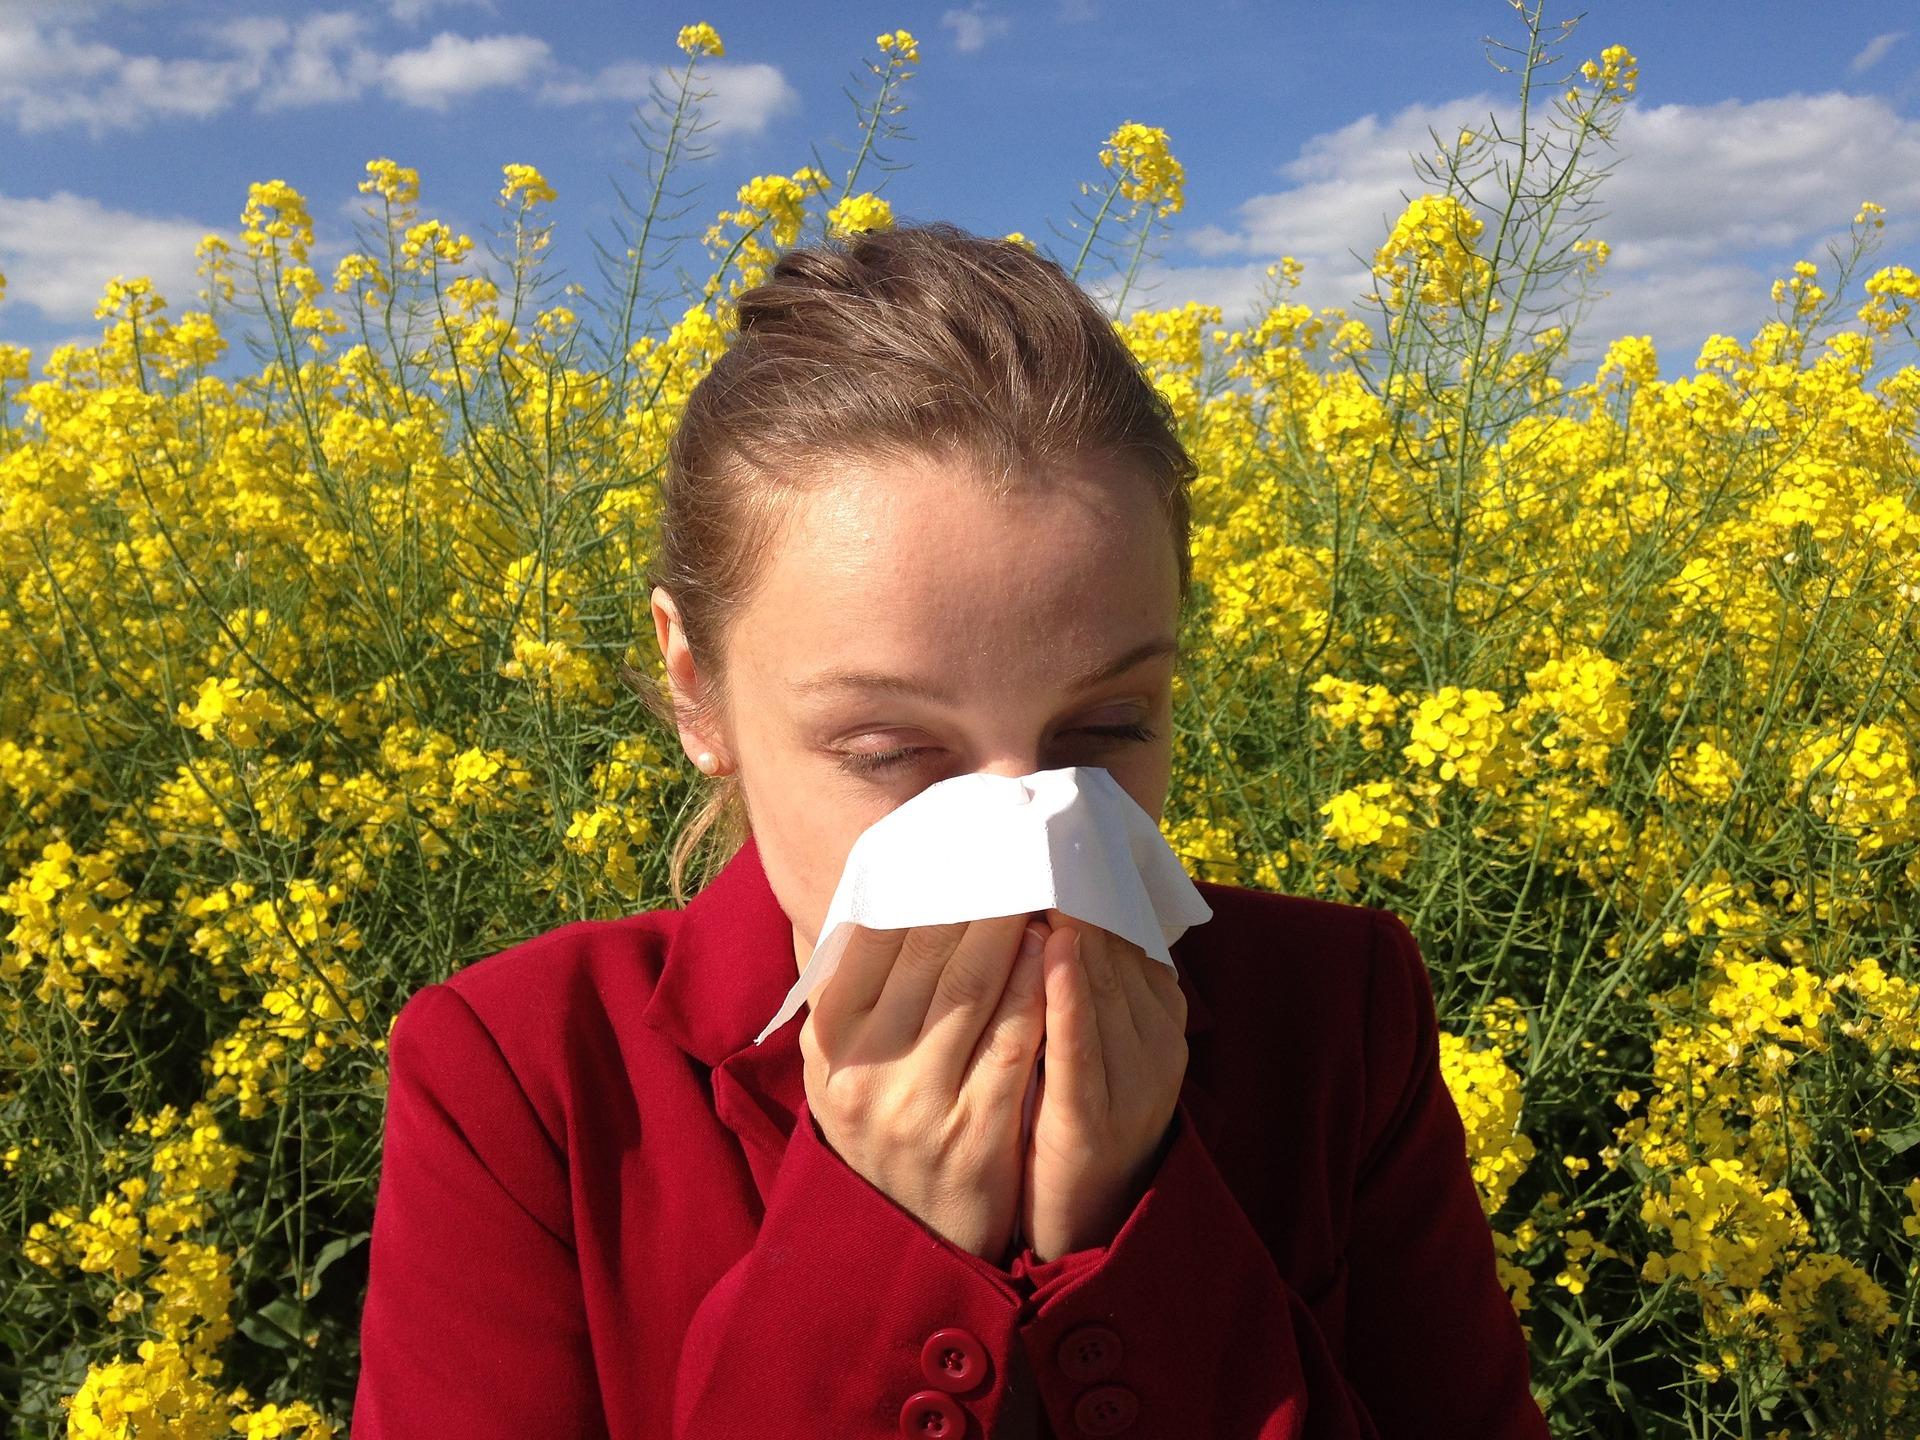 Jak na dítěti poznat že trpí alergií